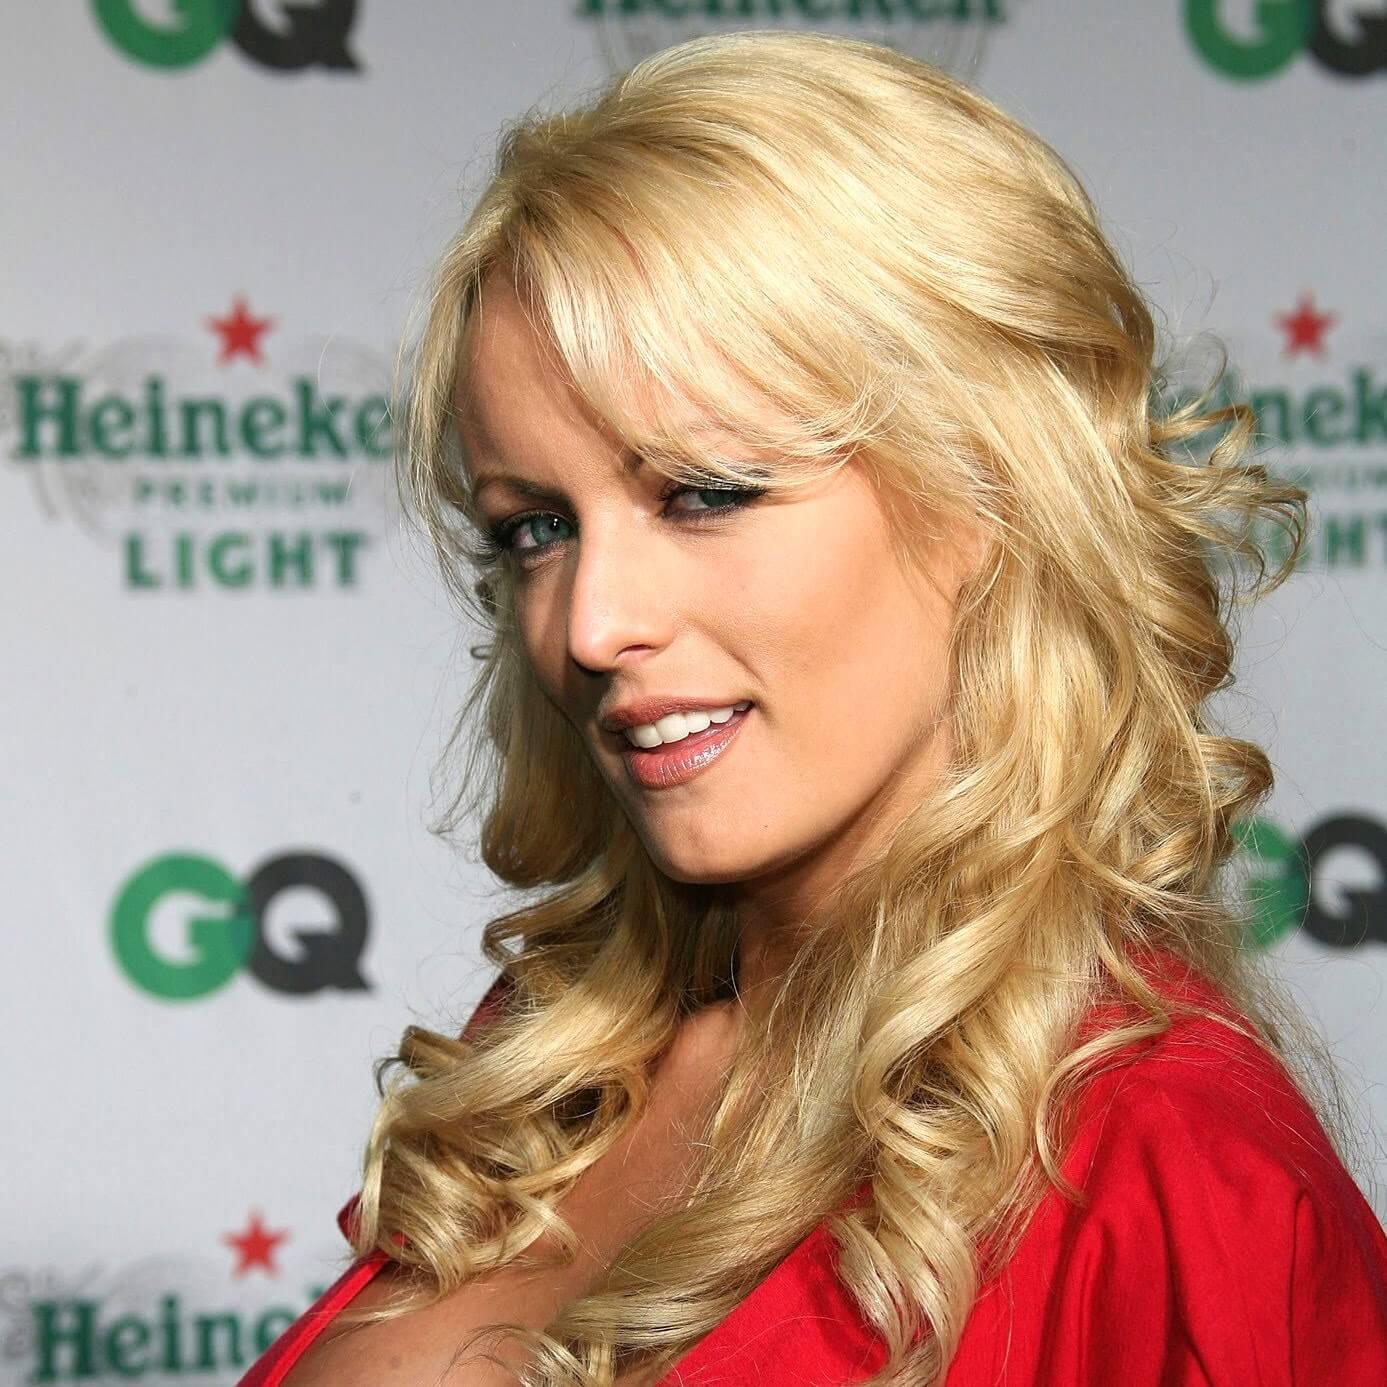 Stephanie Gregory